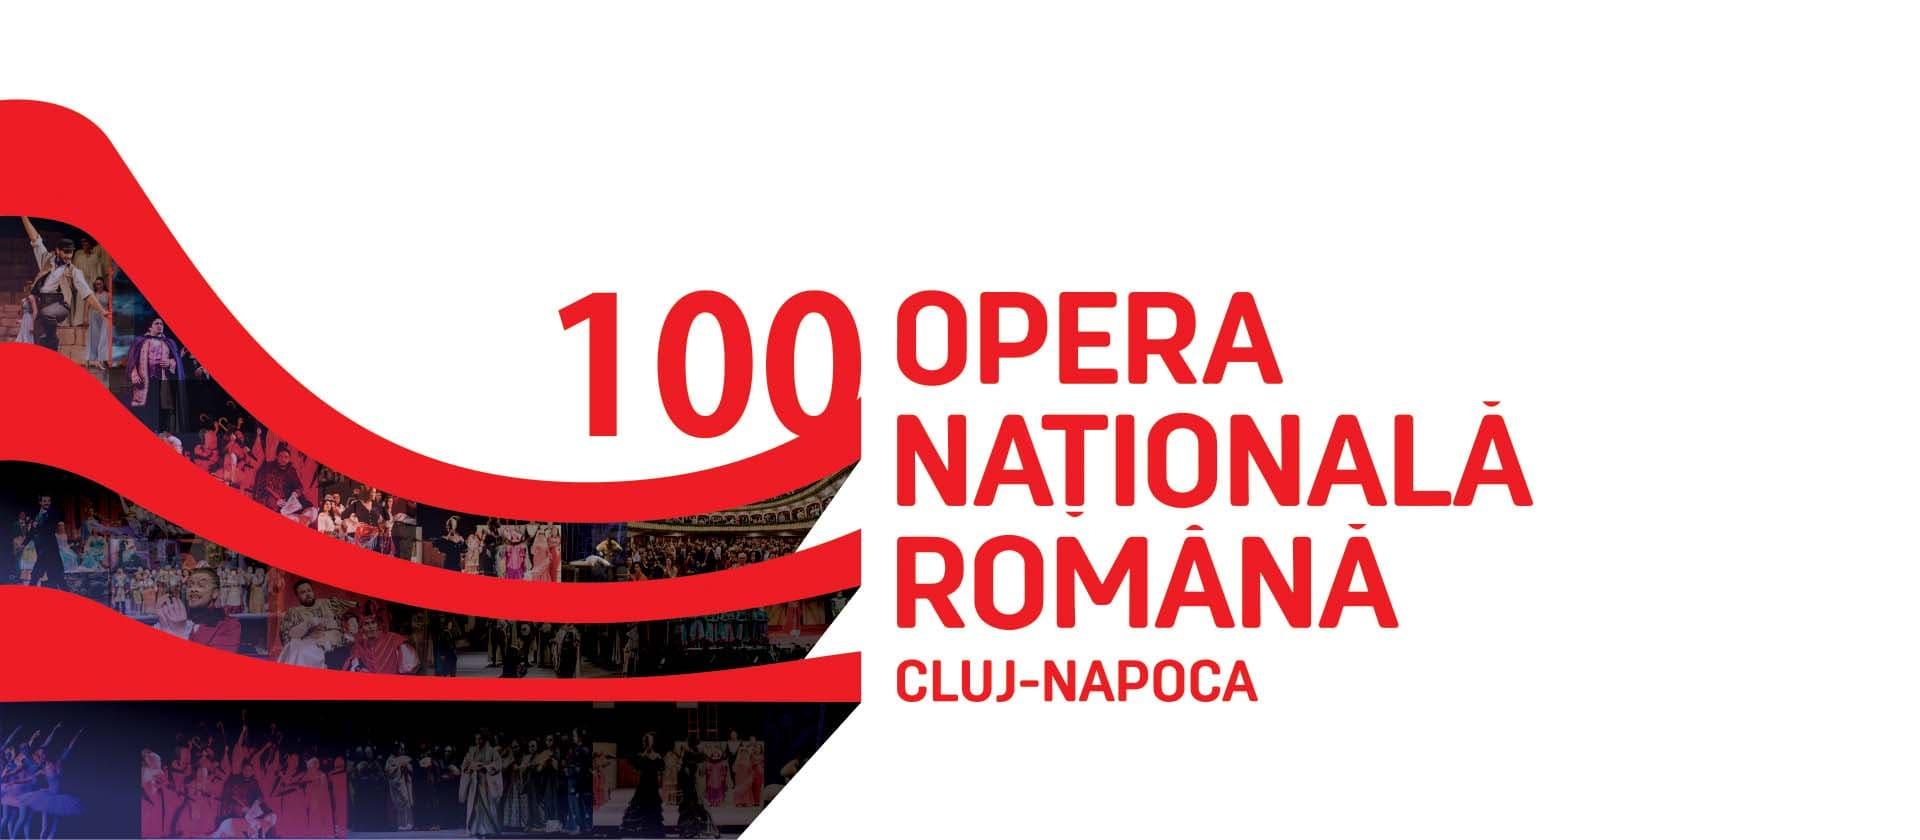 Opera Națională Română din Cluj-Napoca sărbătorește 100 de ani!